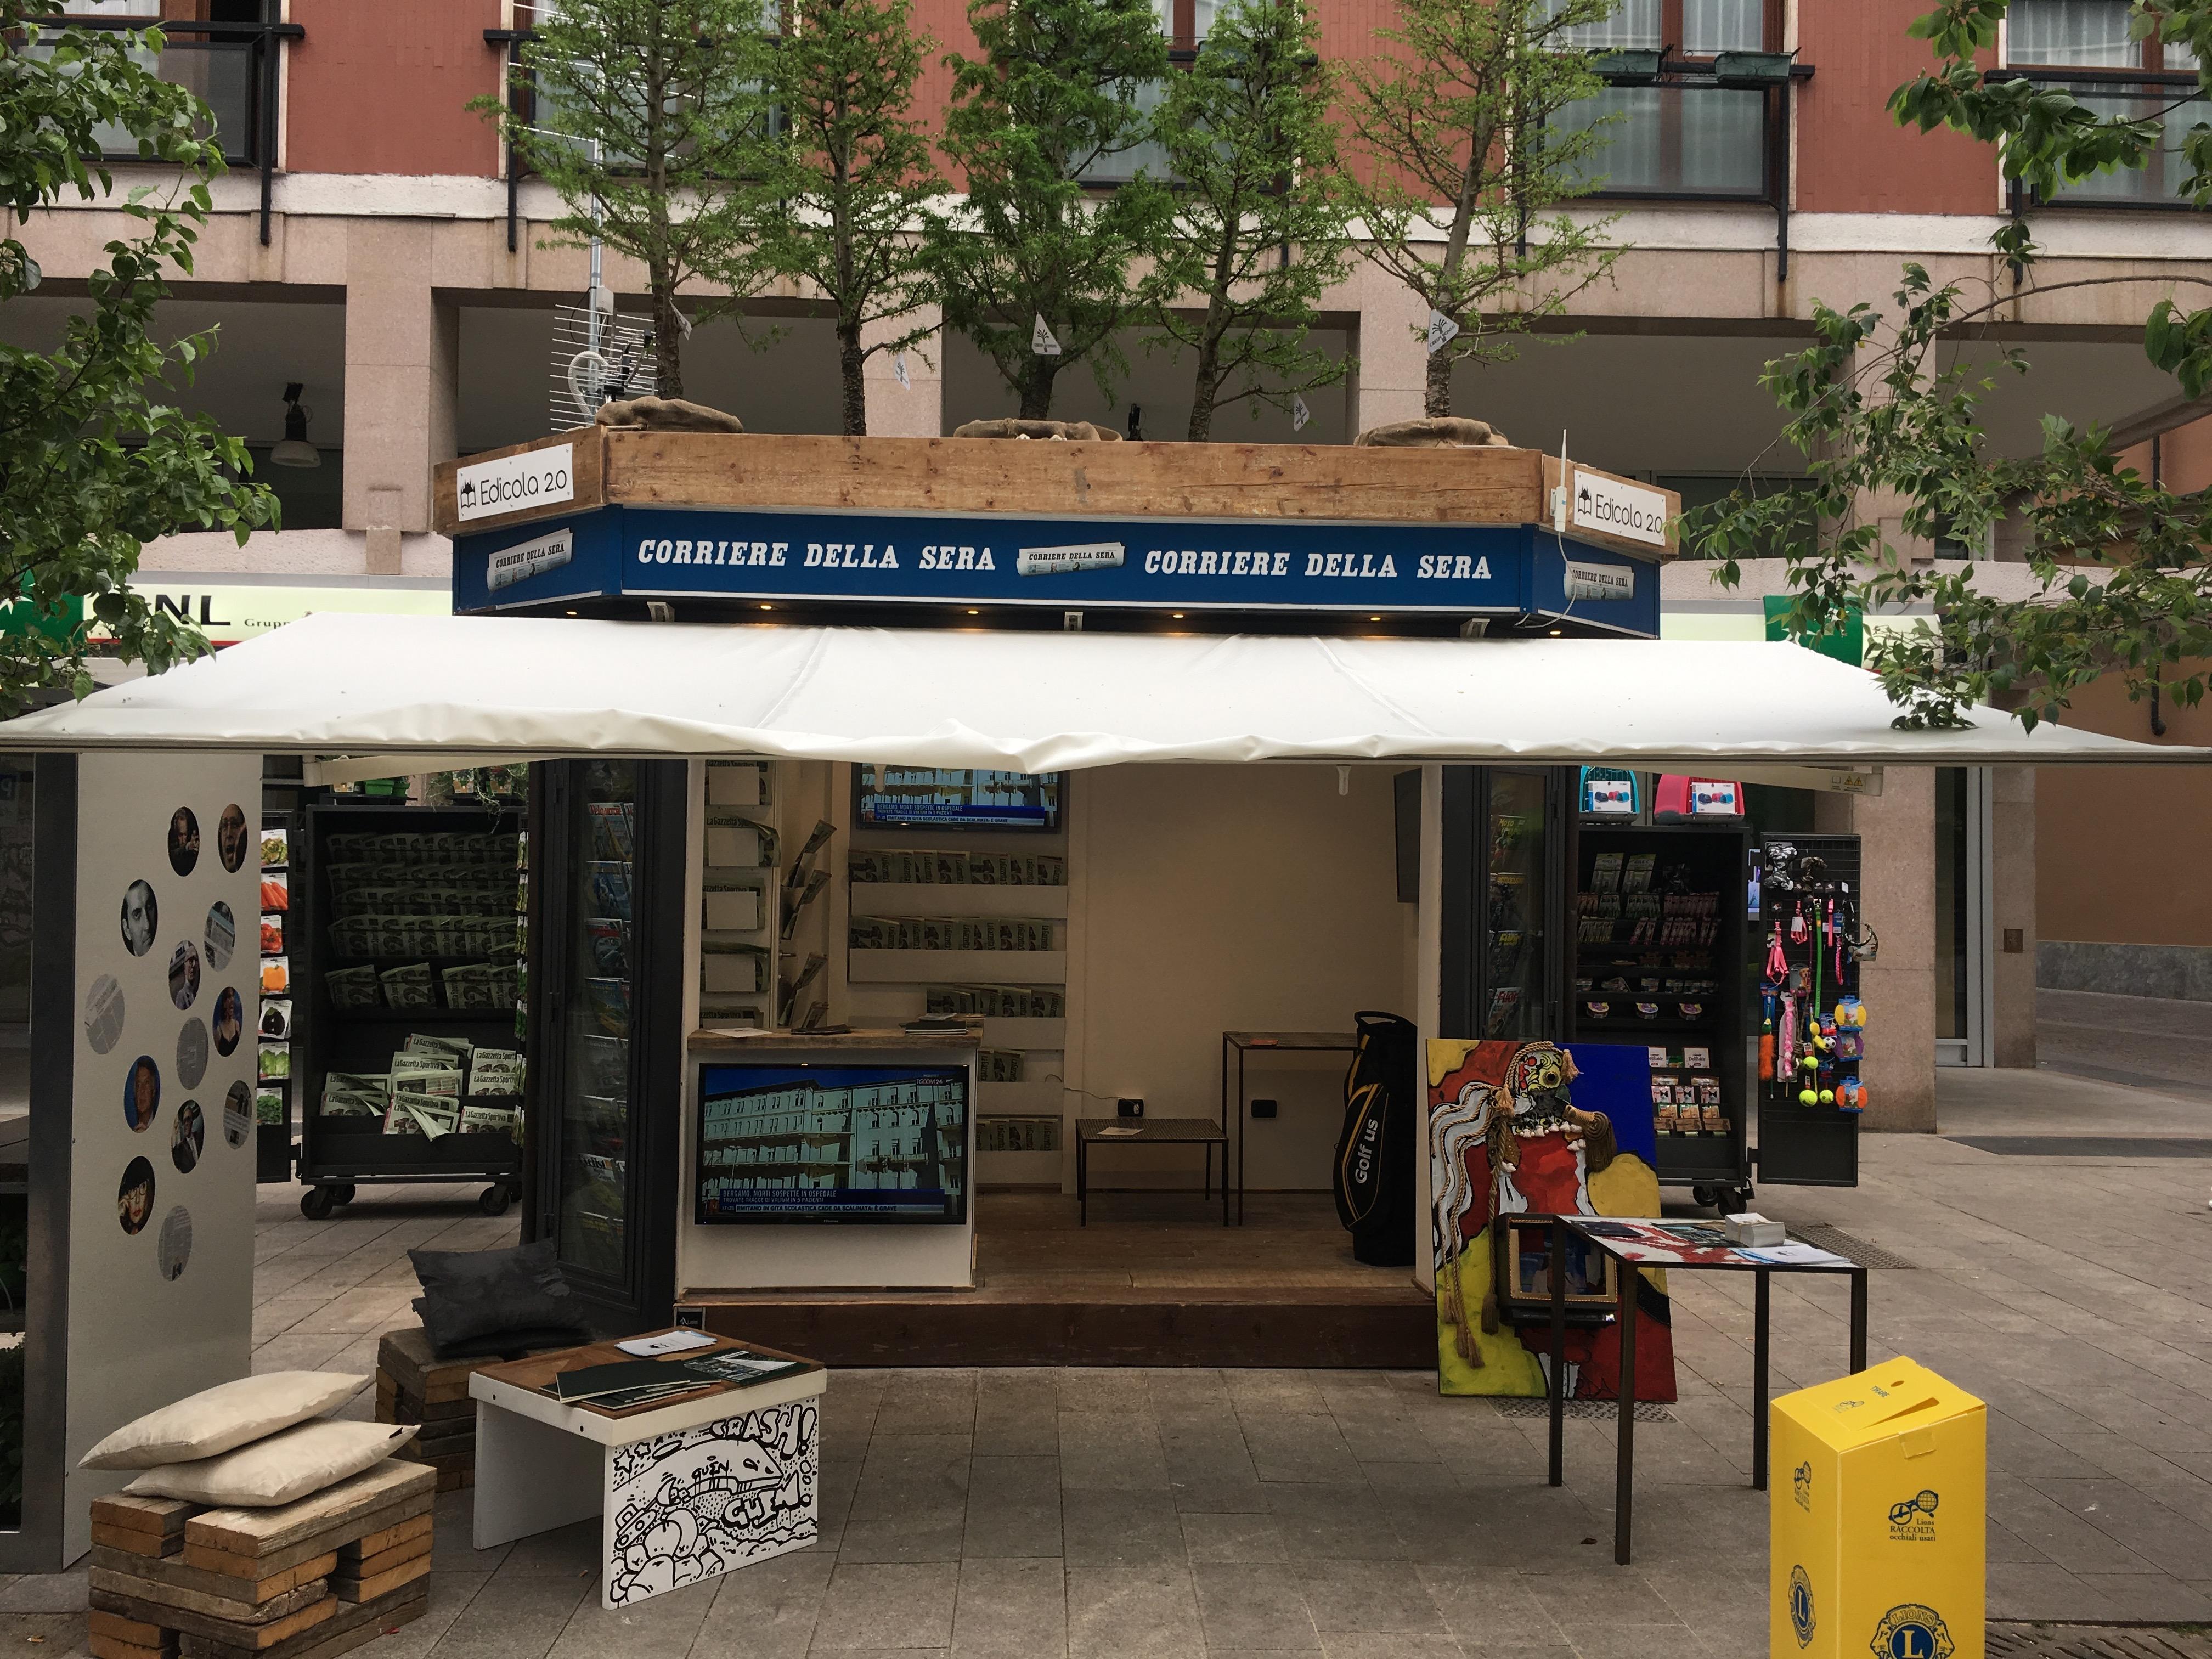 Milano l edicola cambia pelle e diventa 2 0 tgcom24 for Giornali arredamento casa